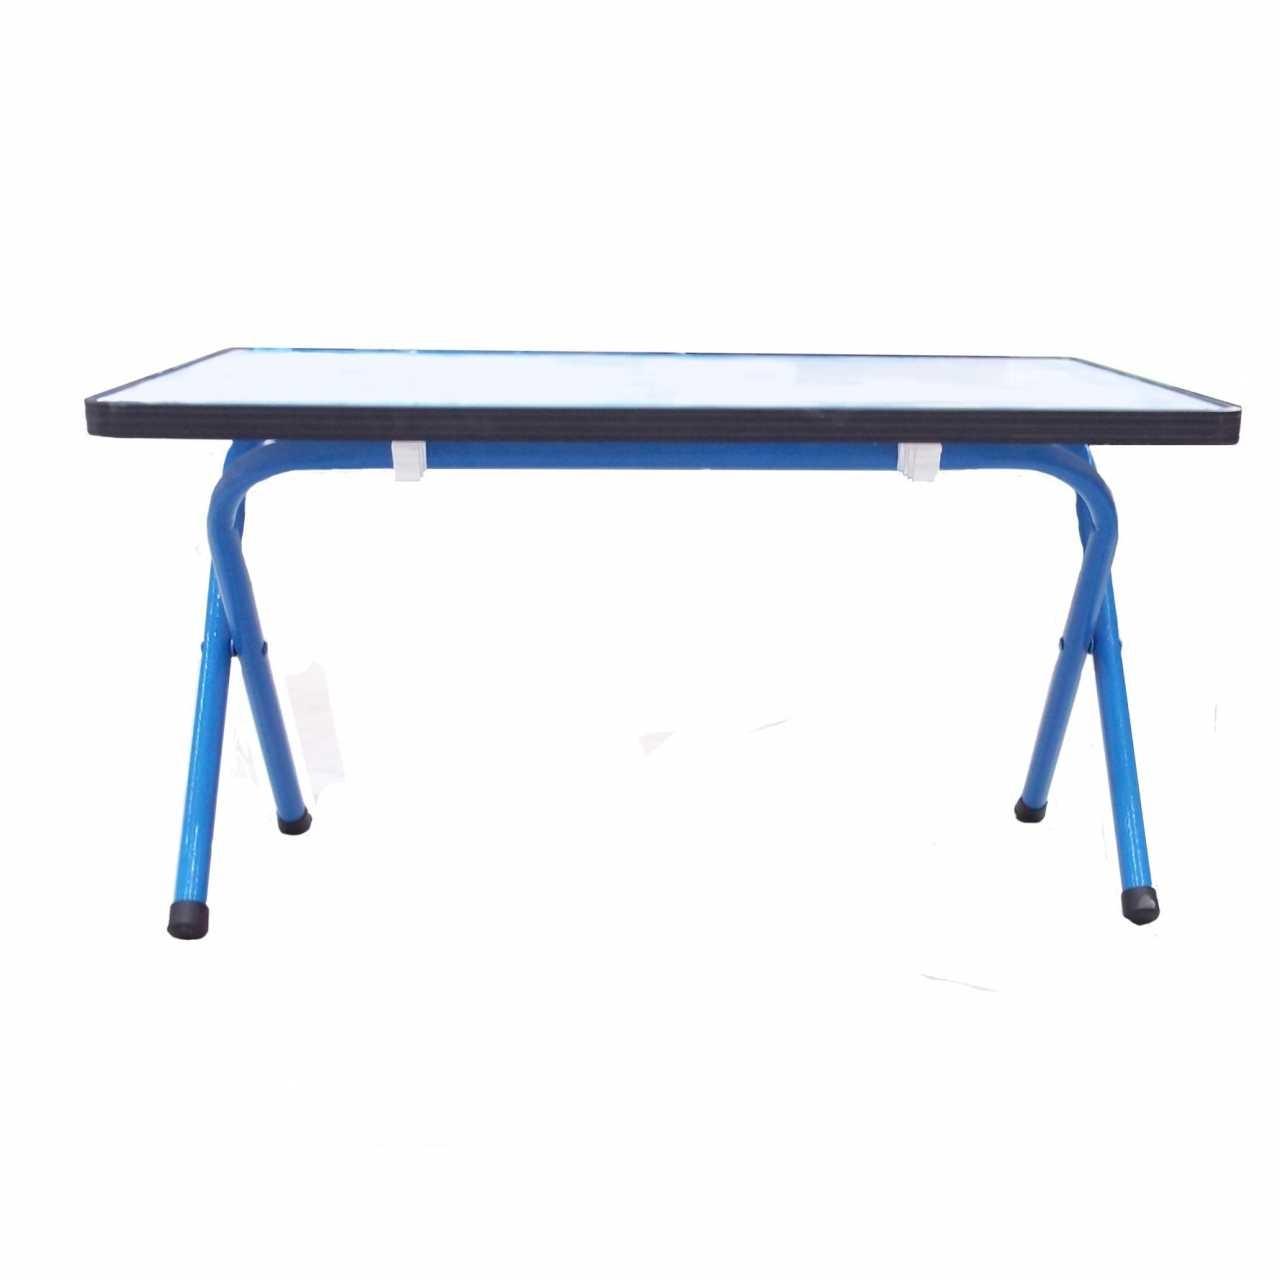 میز تحریر بیلن مدل P3- طرح ساده